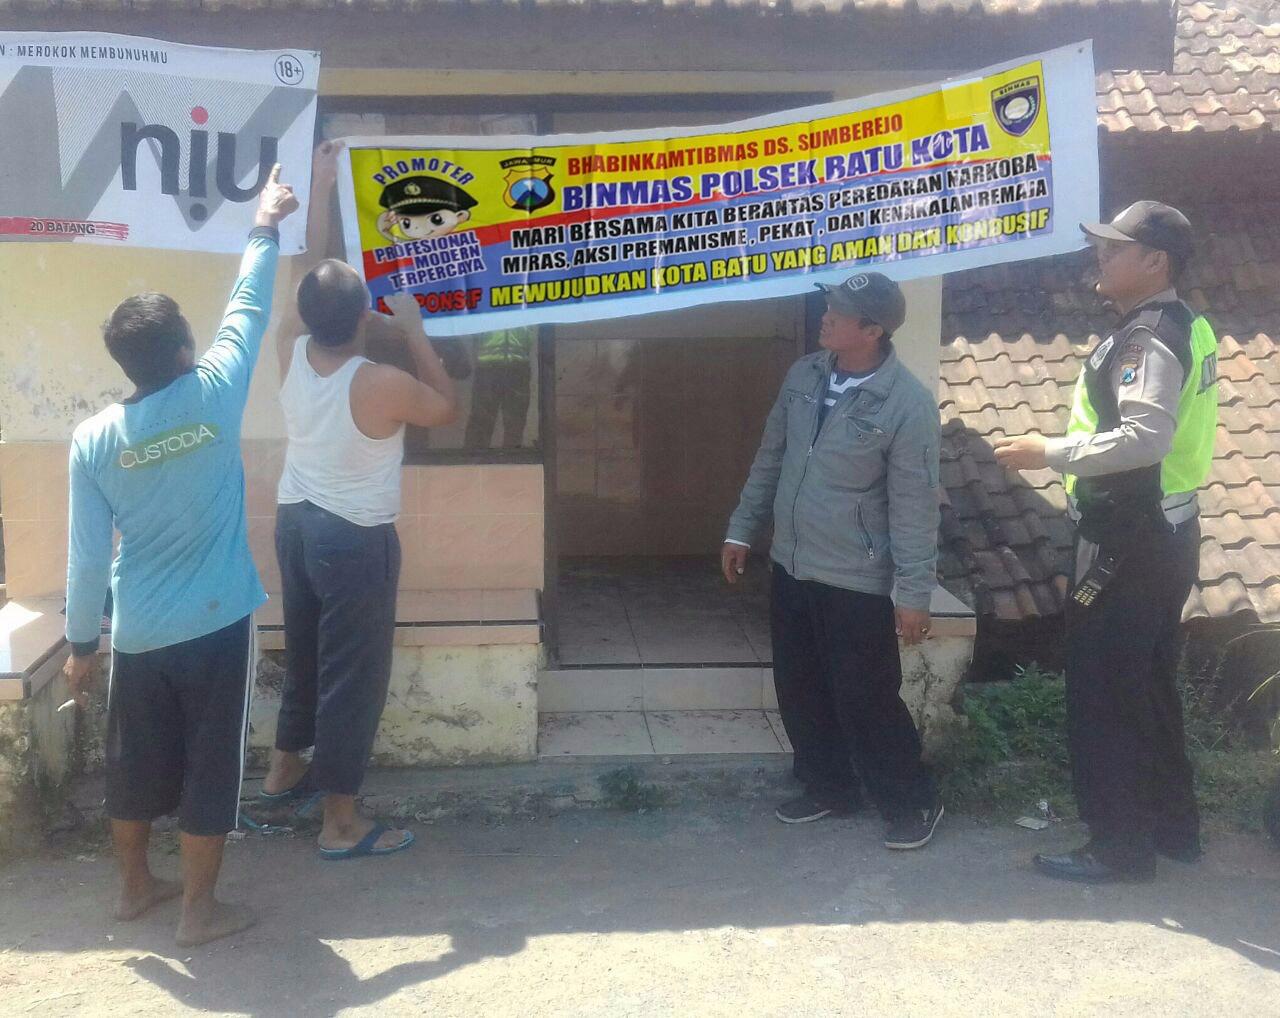 Bhabin Polsek Batu Kota Polres Batu Giat Pemasangan Banner Himbauan Kamtibmas Untuk Menekan Tindak Pidana Di Wilayah Binaanya